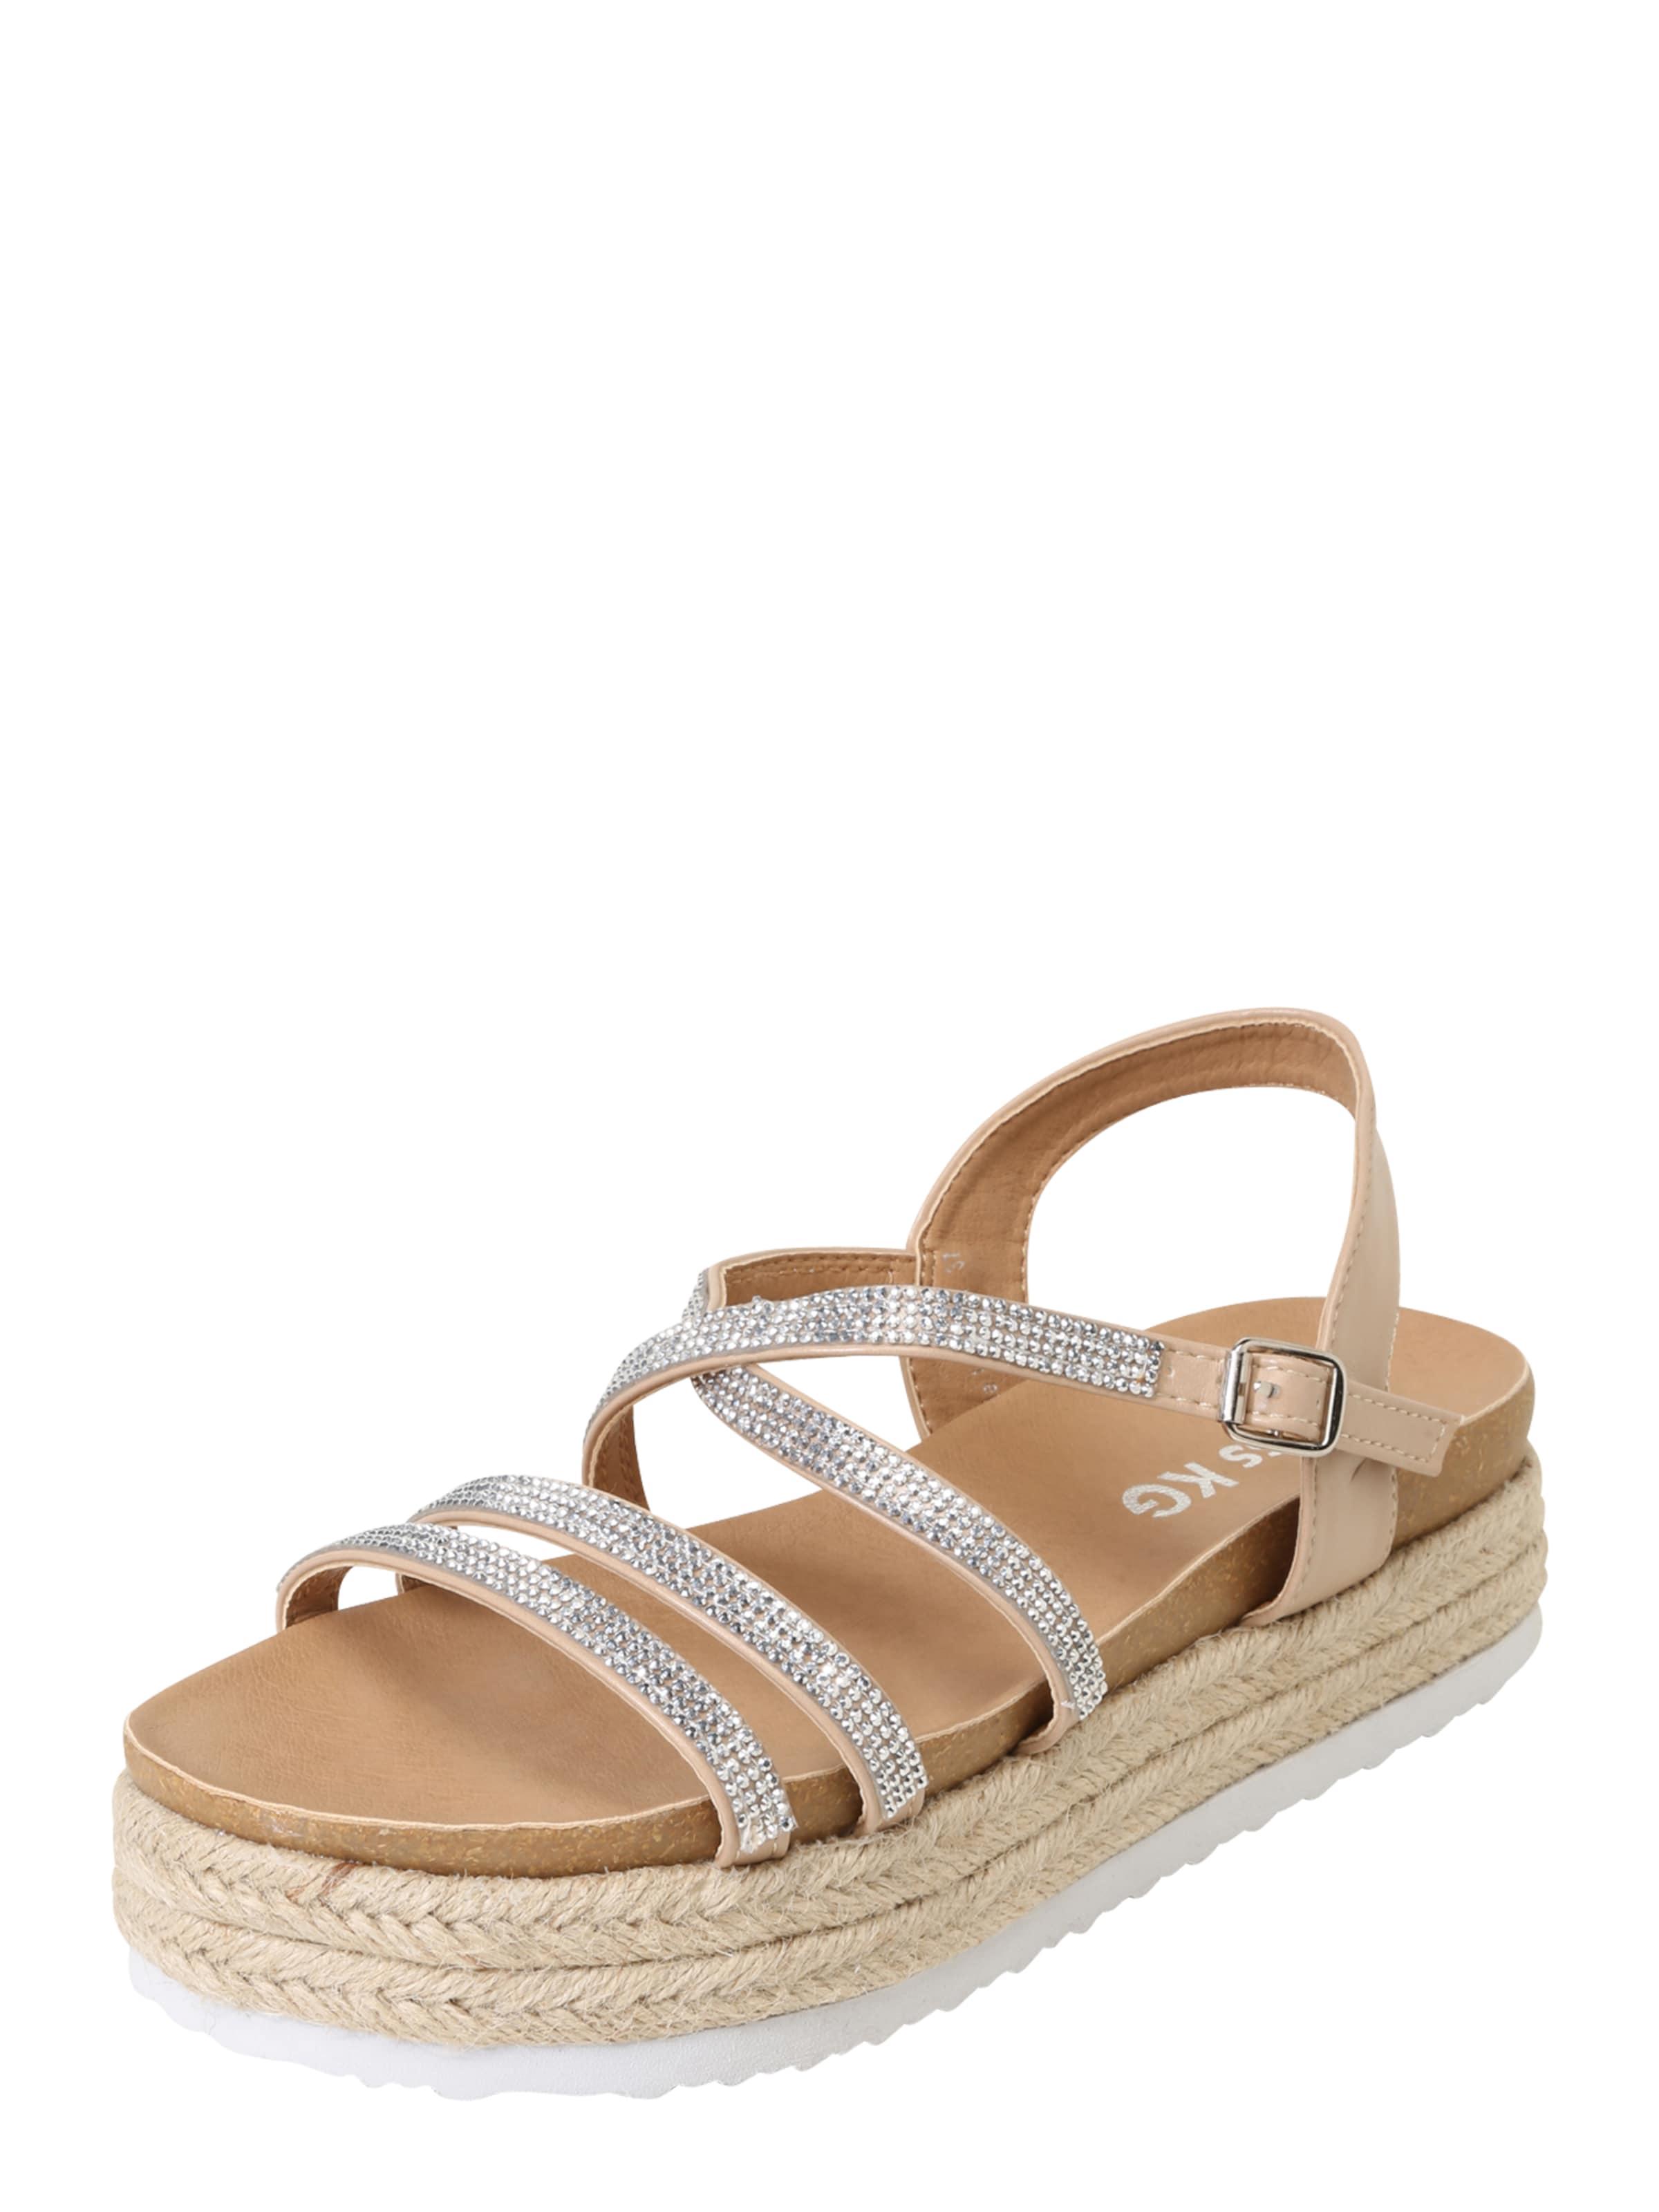 Miss KG Sandalette RAMONE Verschleißfeste billige Schuhe